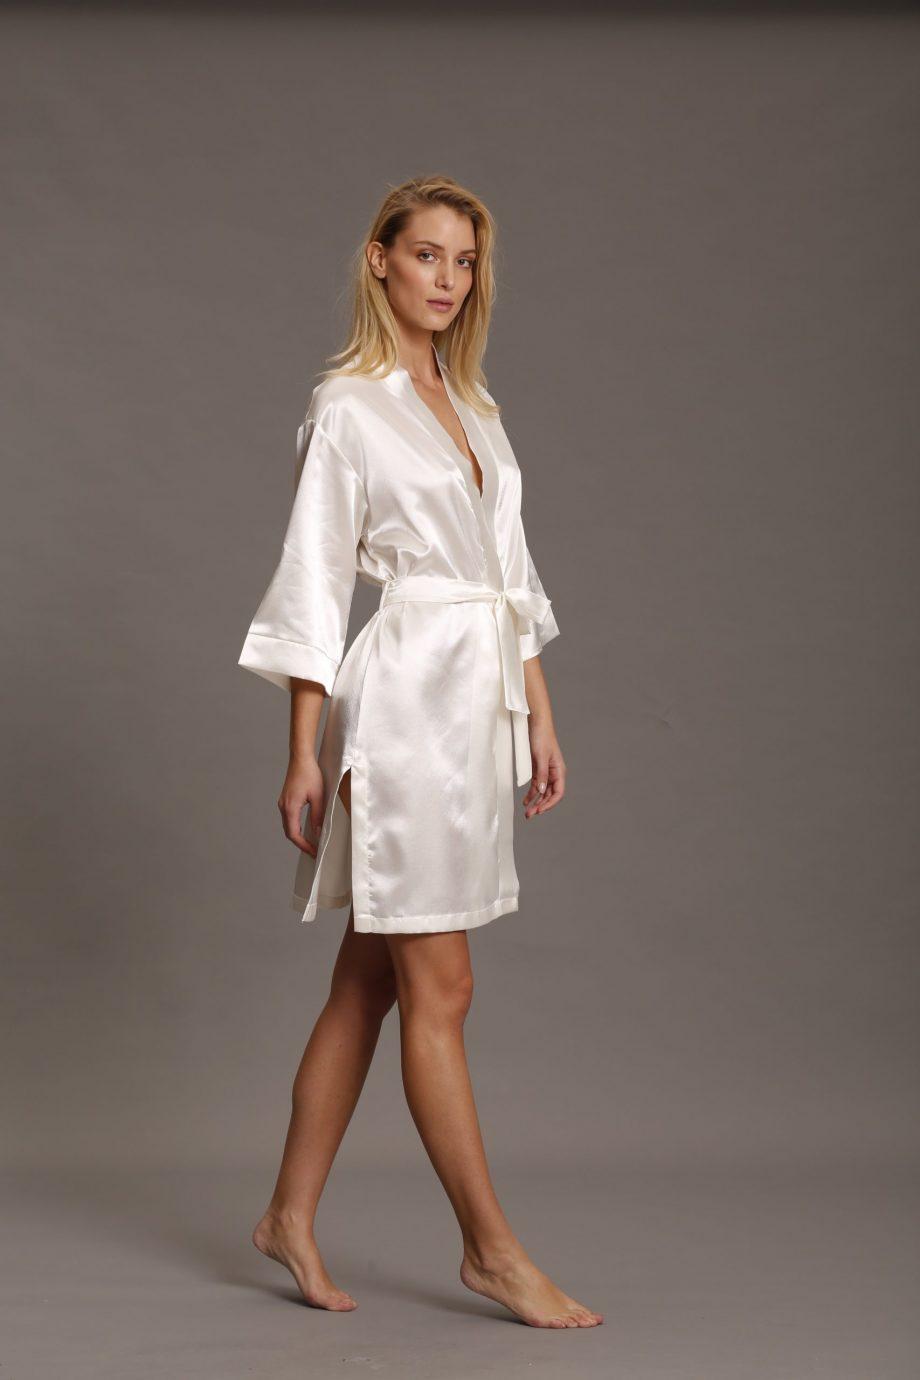 Completo sposa - kimono e sottoveste in raso